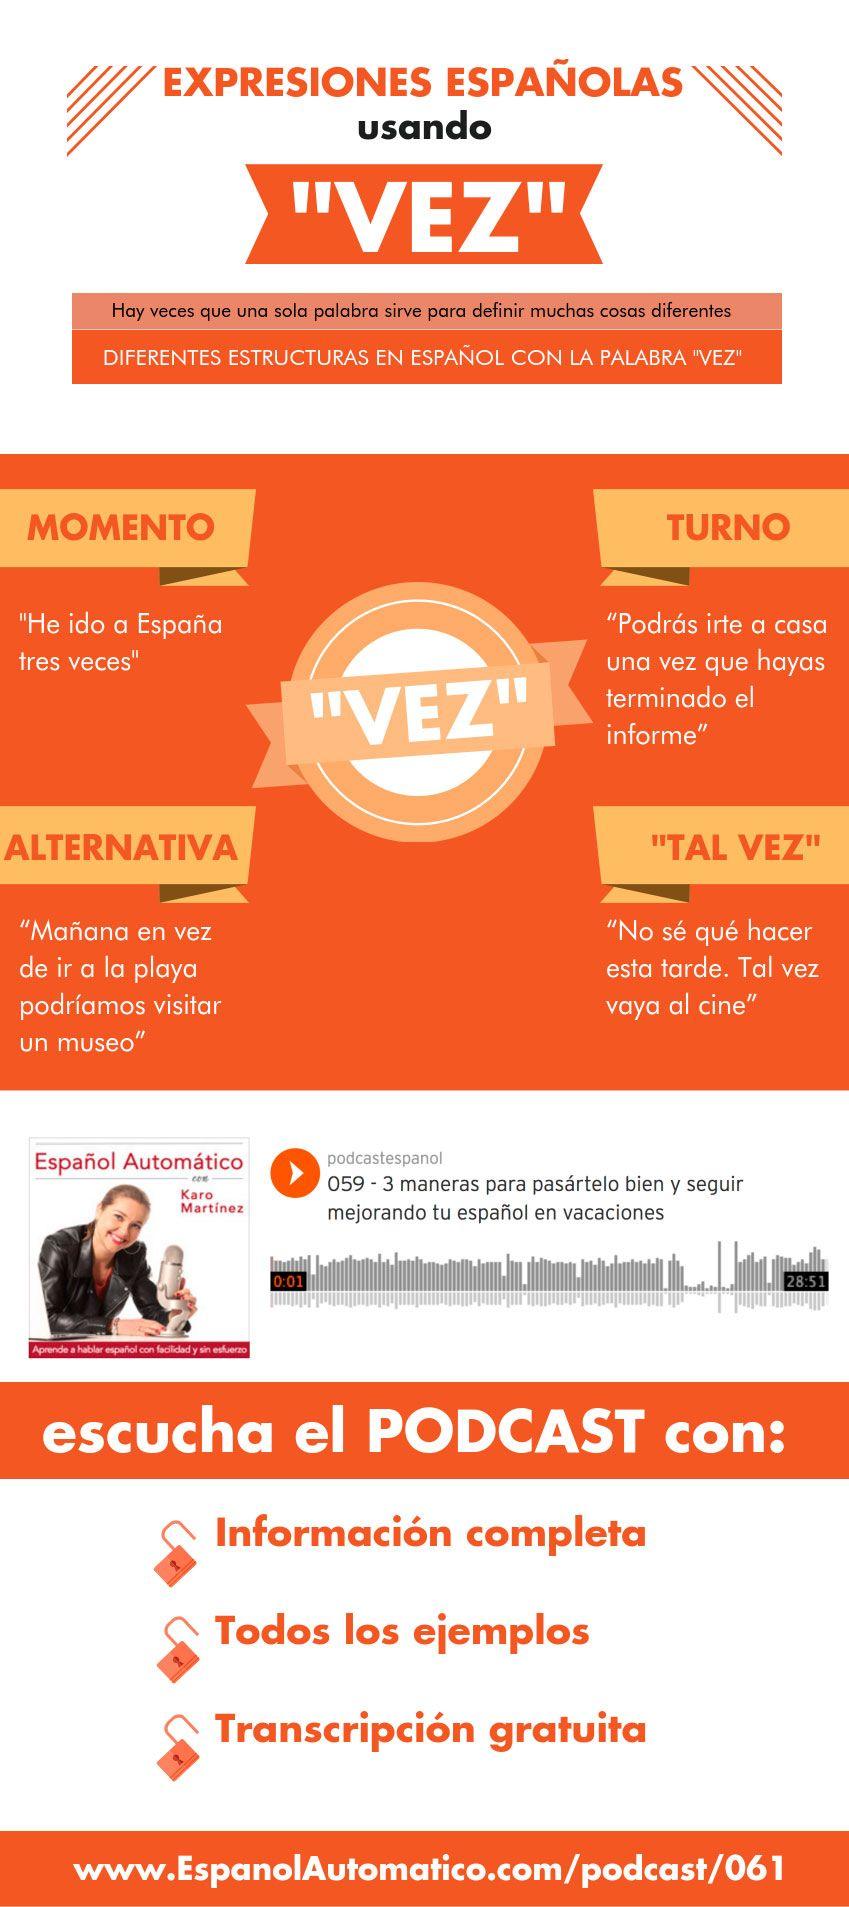 compartir スペイン 語